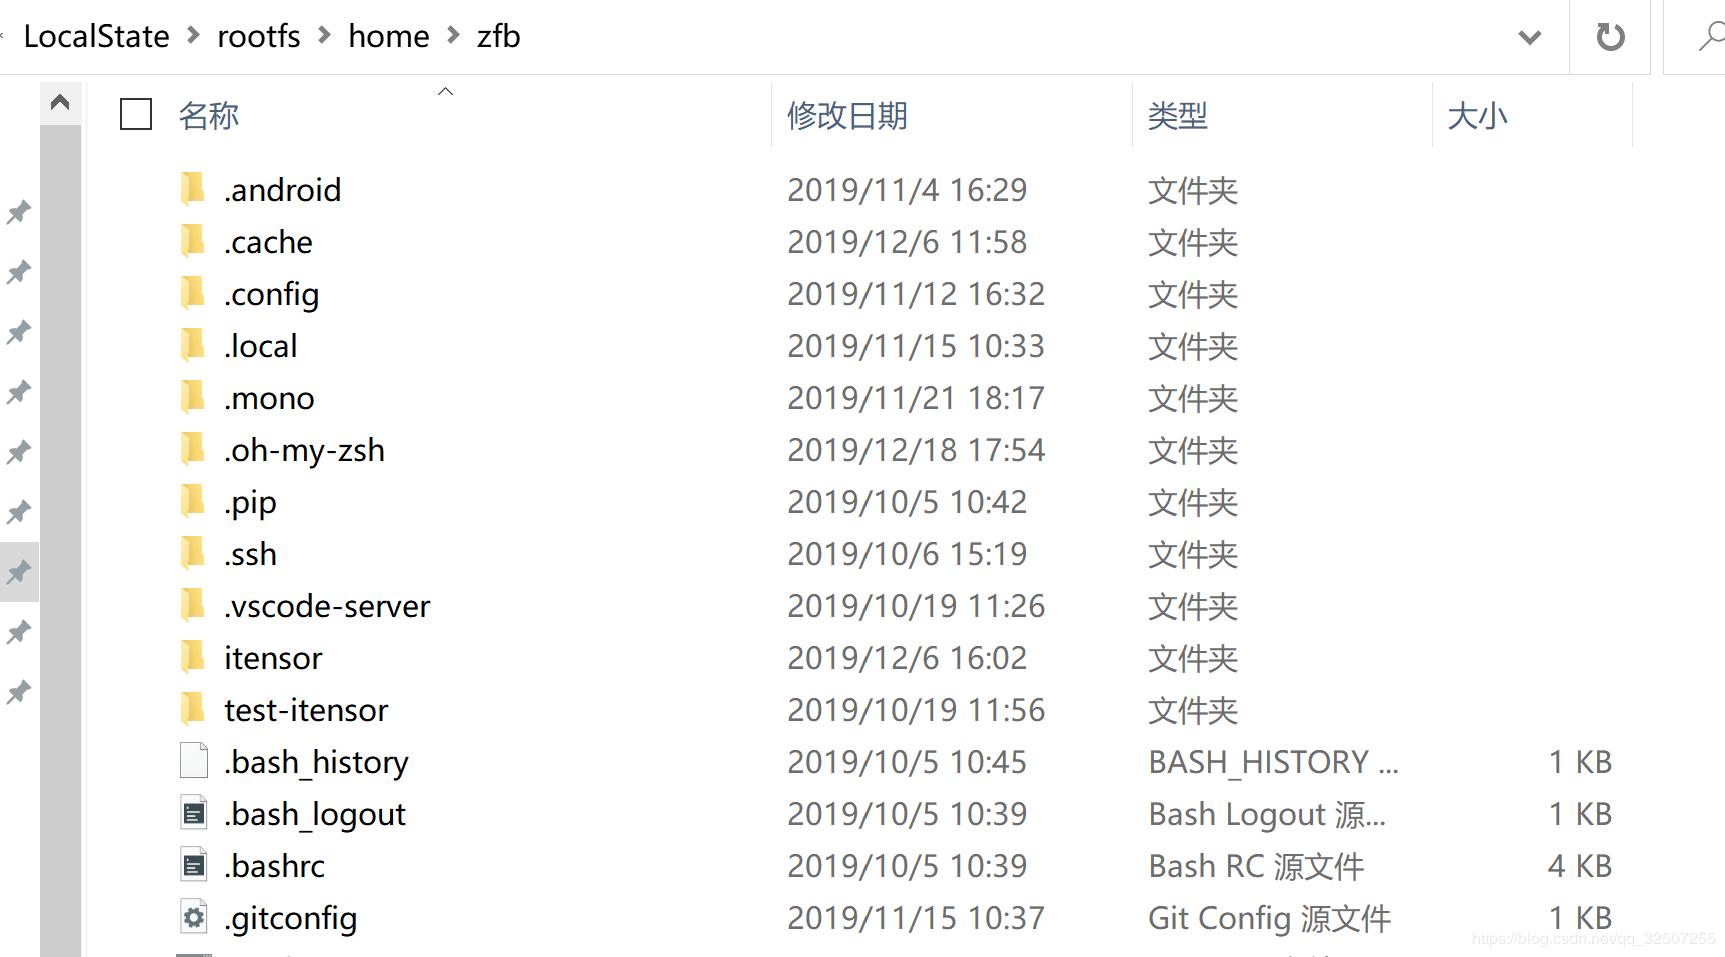 用户名文件夹